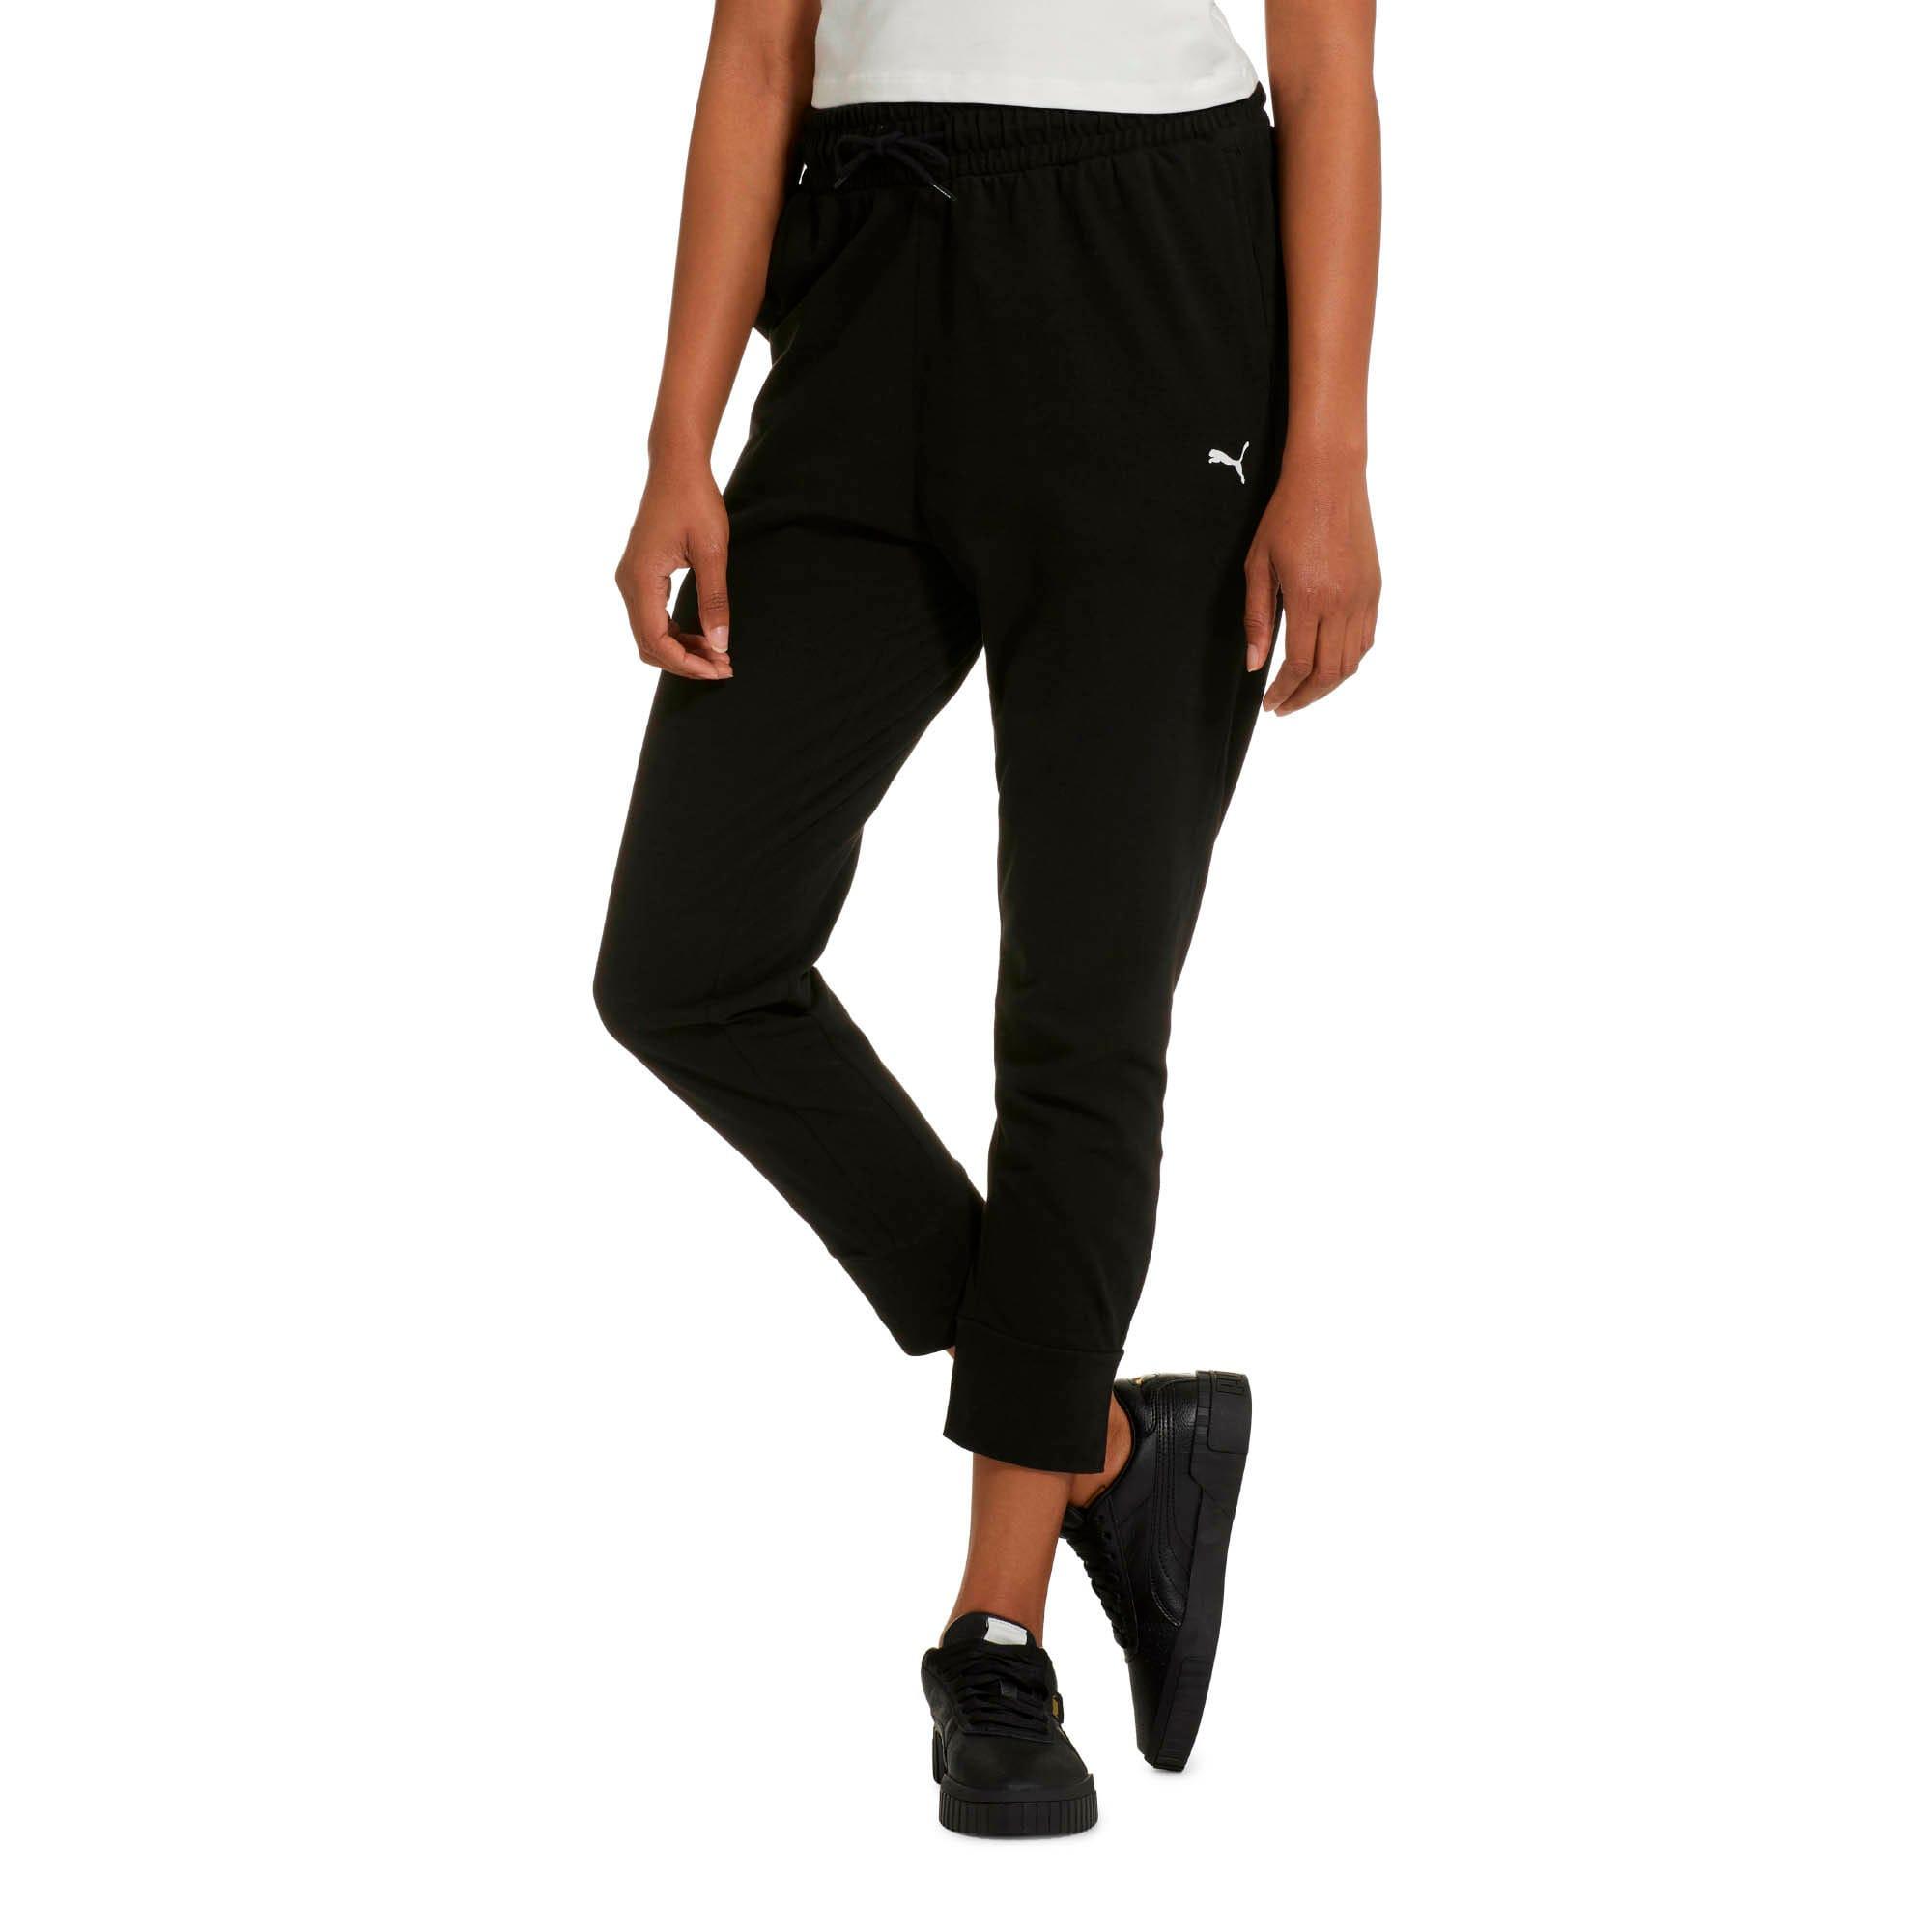 Miniatura 2 de Pantalones de verano para mujer, Cotton Black, mediano